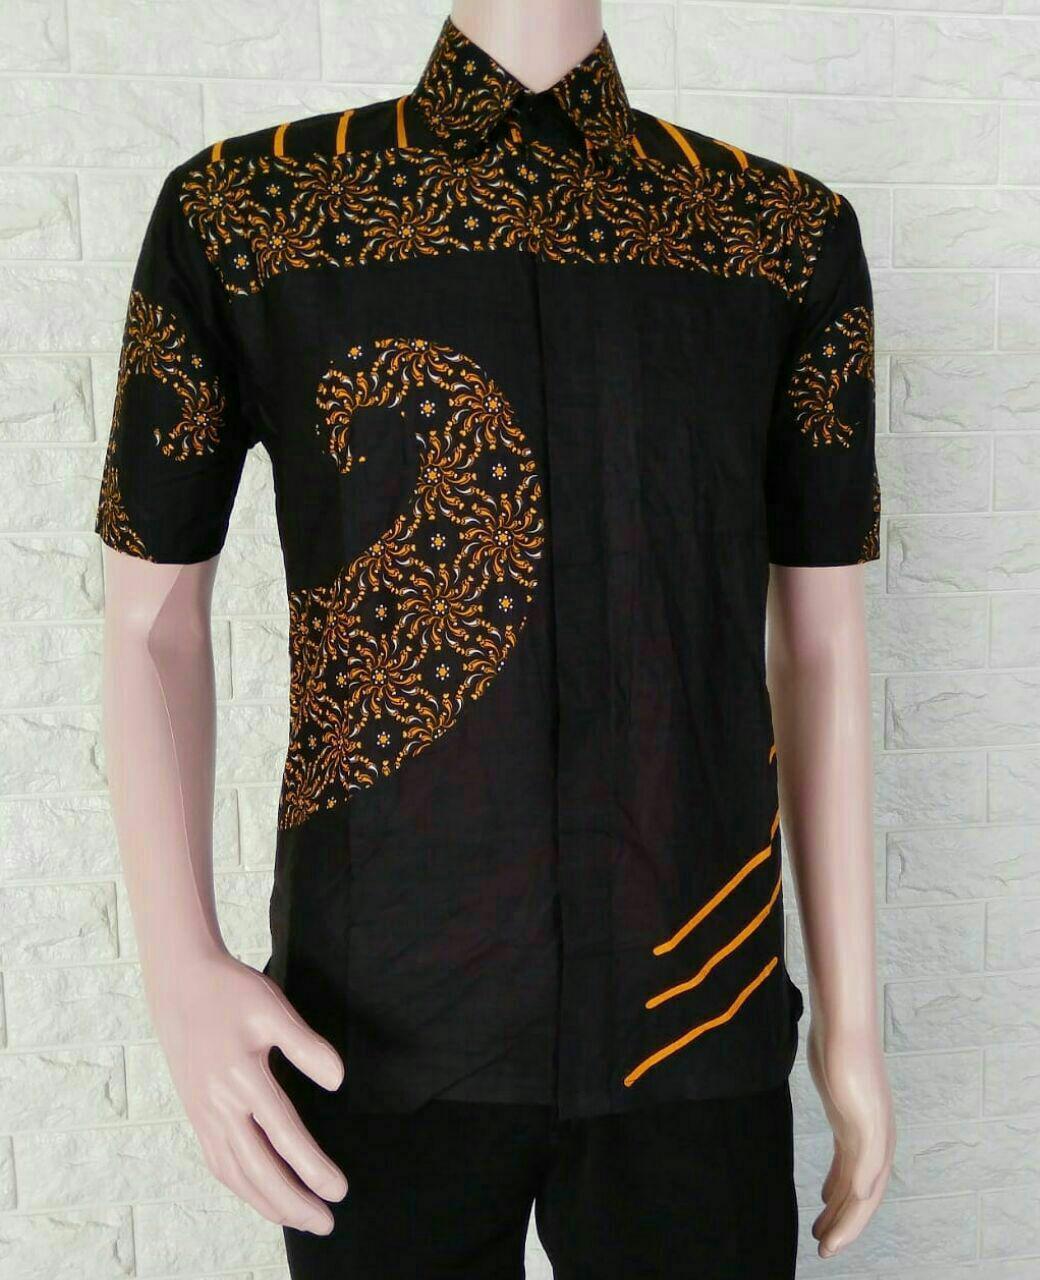 Fitur Model Kemeja Batik Pria Terbaru Murah Berkualitas Baju Batik